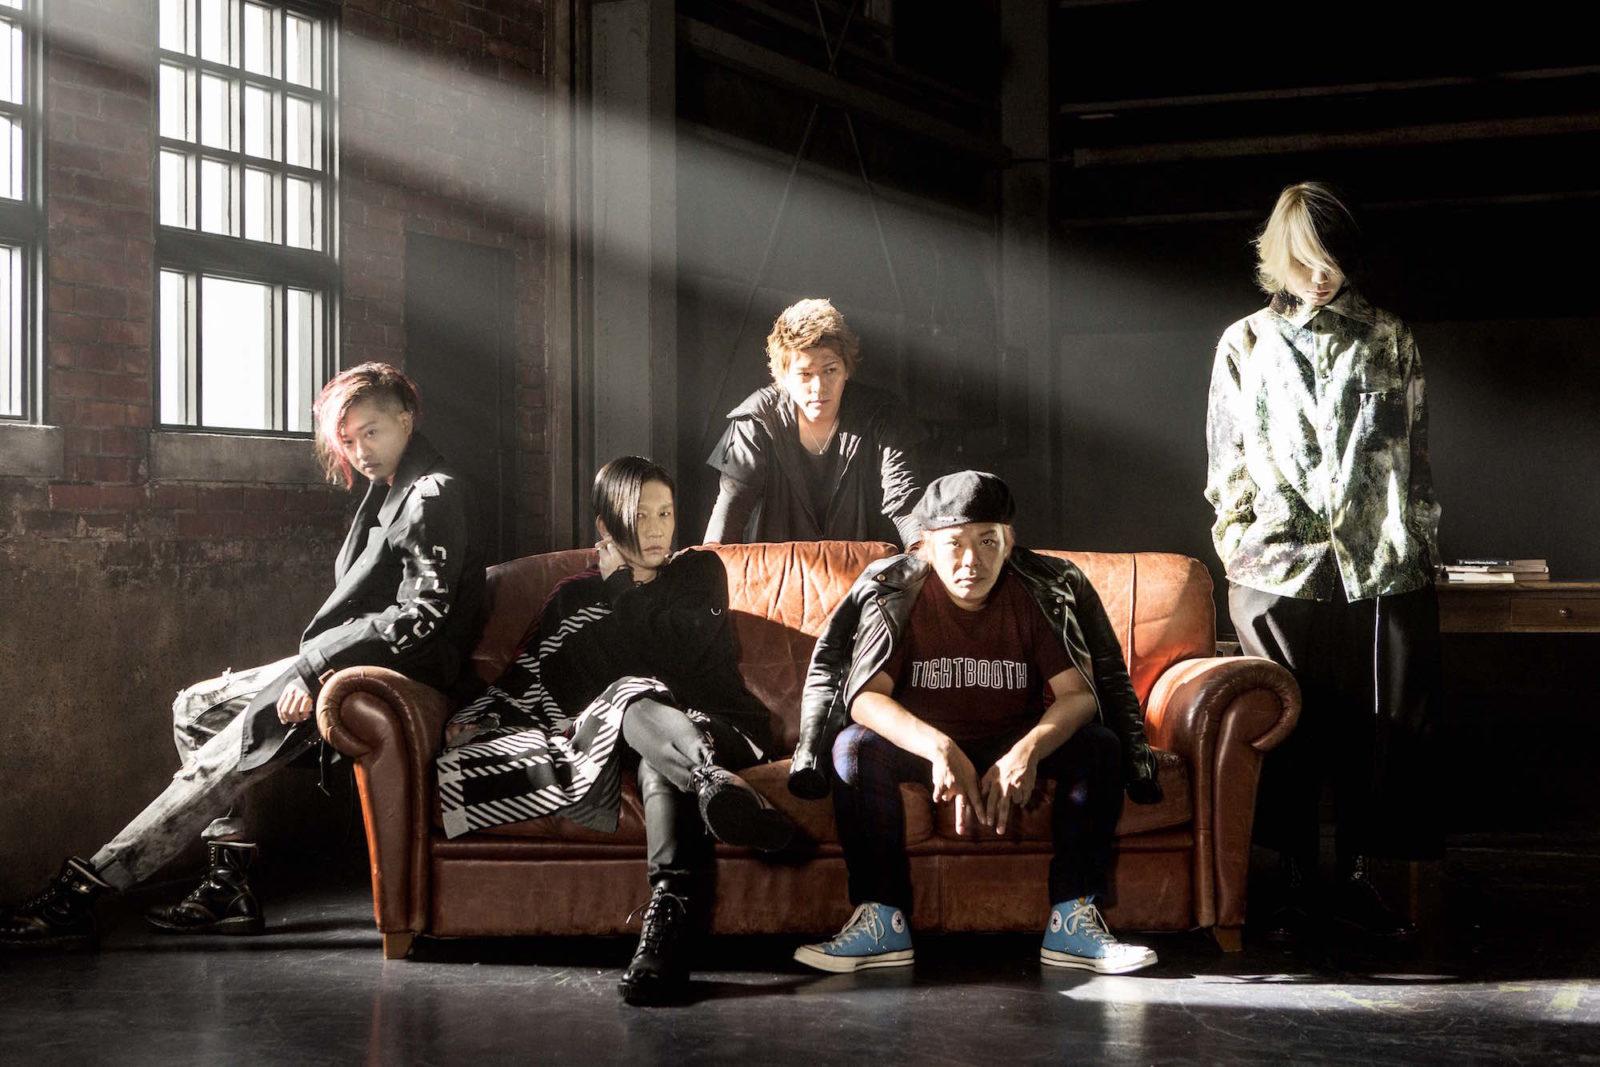 ROTTENGRAFFTY、ニューアルバム「PLAY」の超豪華な予約特典が決定サムネイル画像